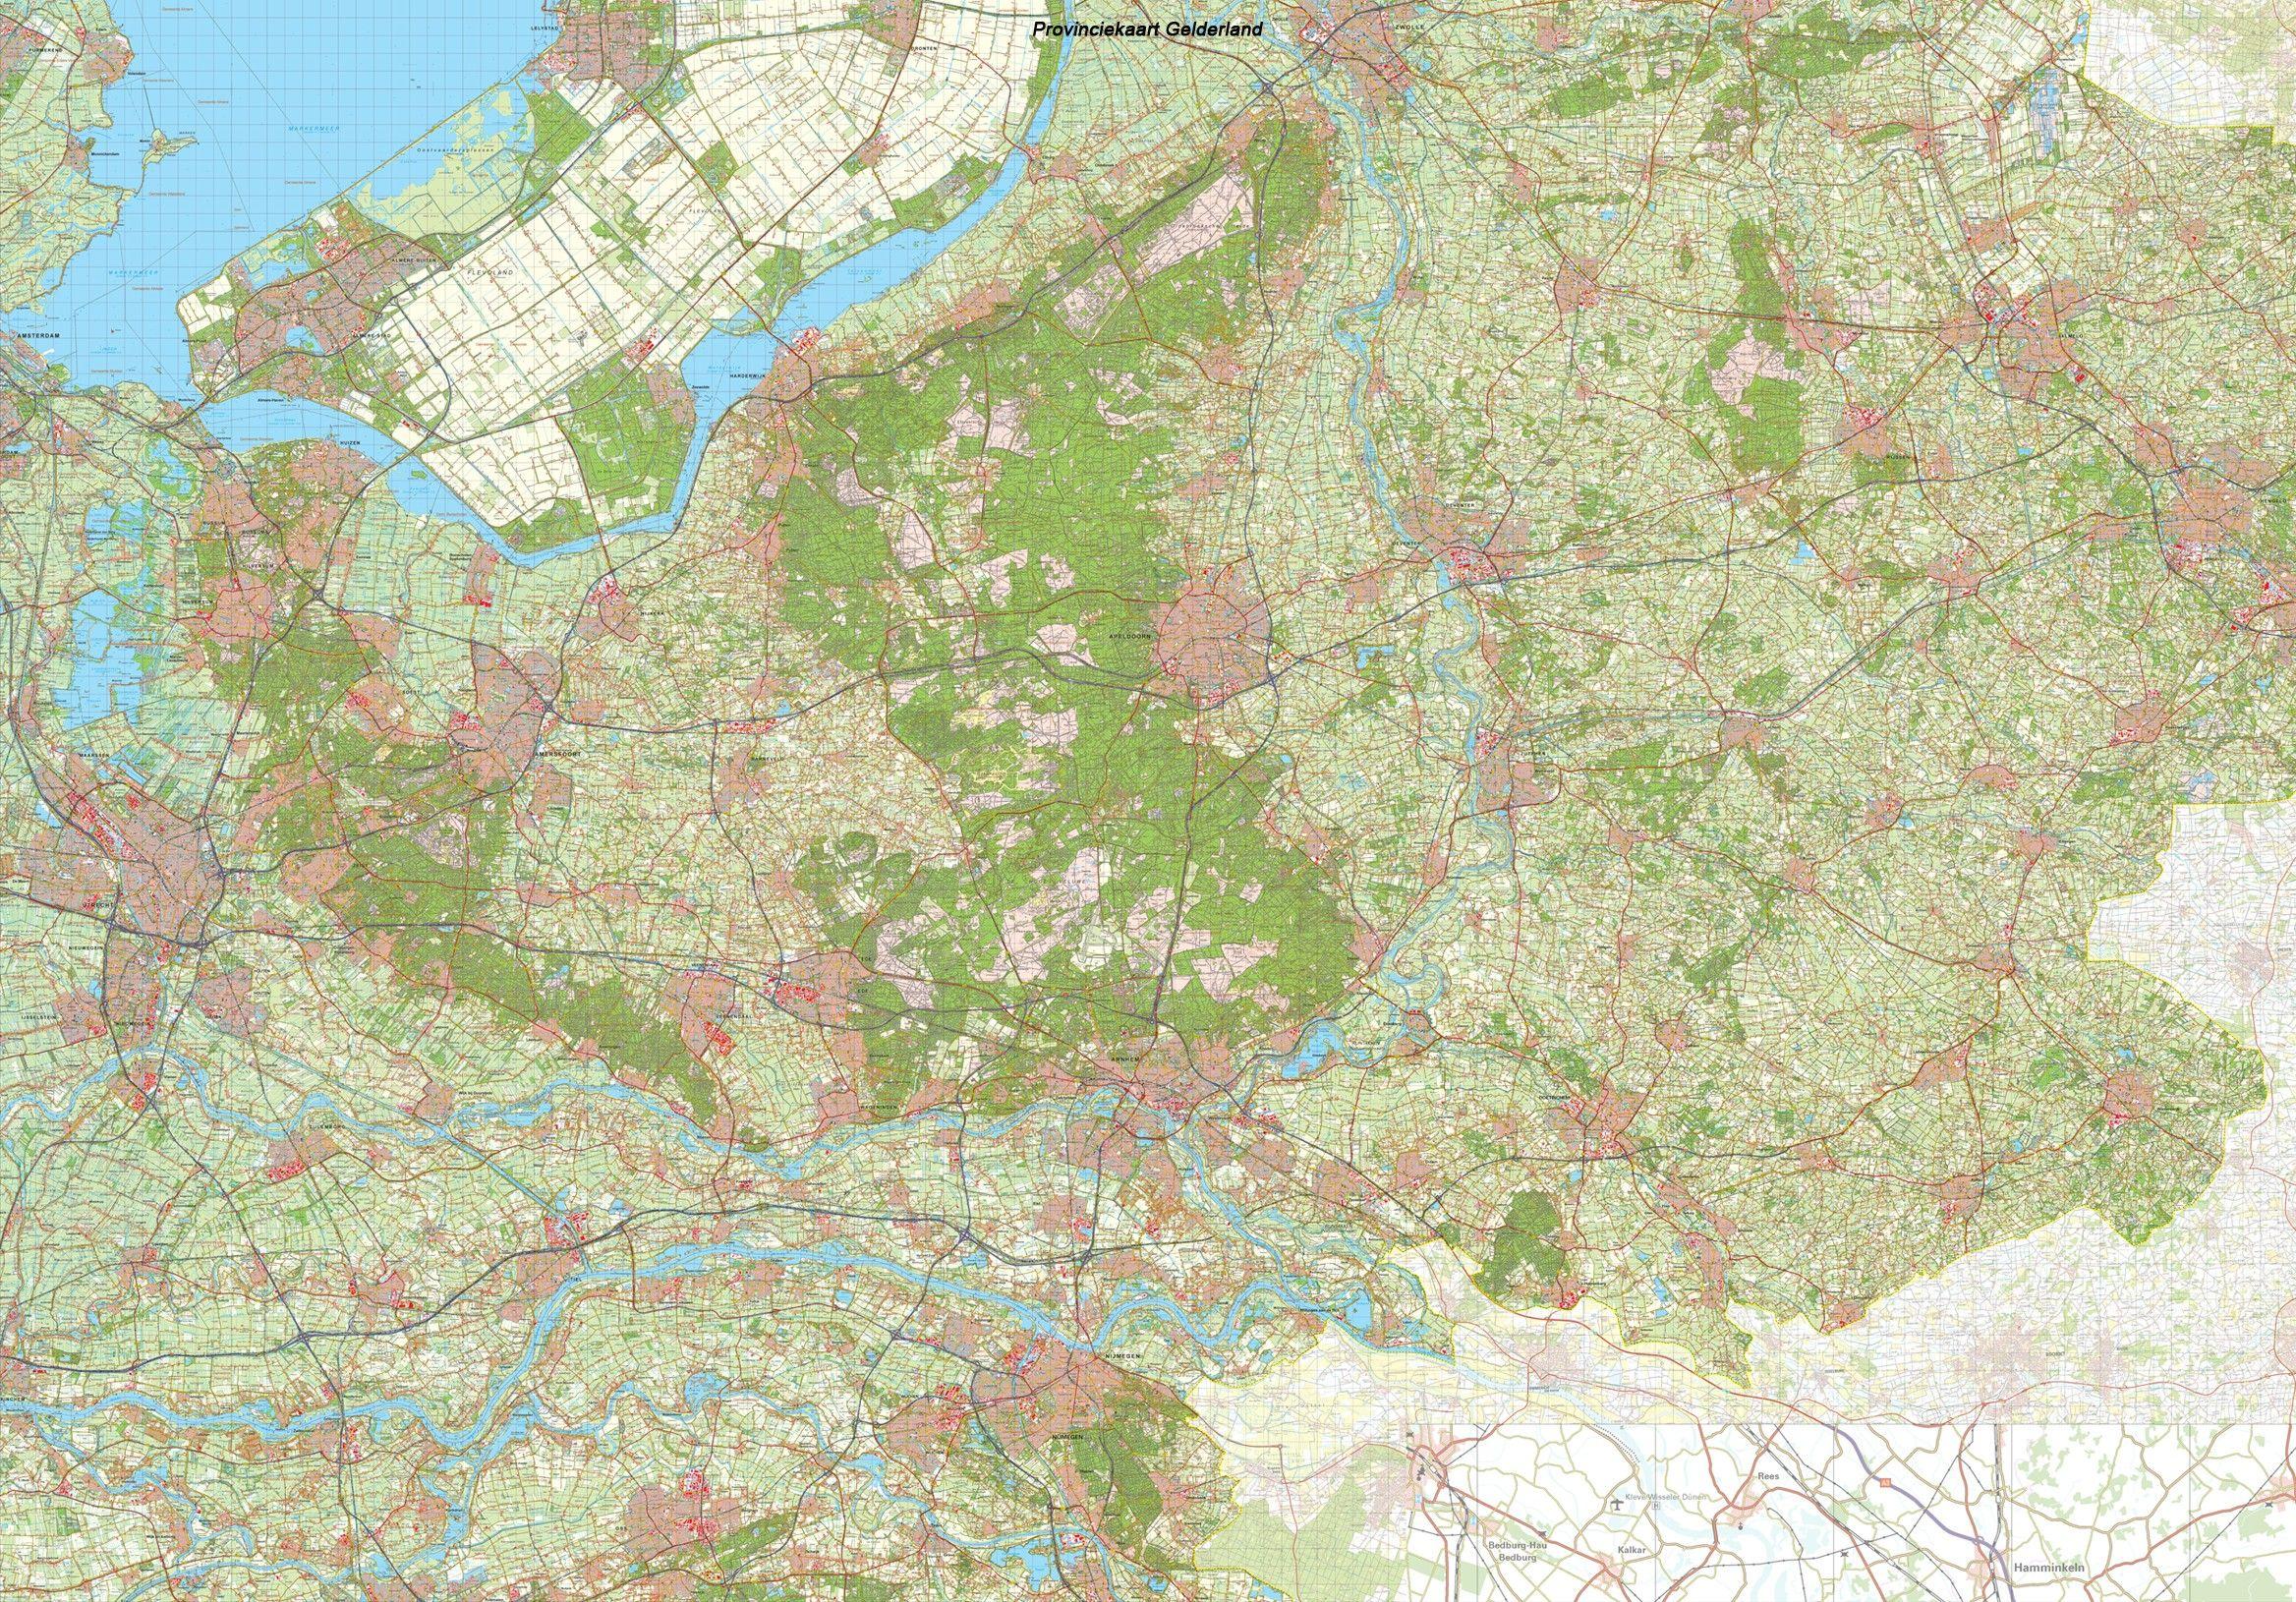 Provincie kaart Gelderland schaal 1:50.000